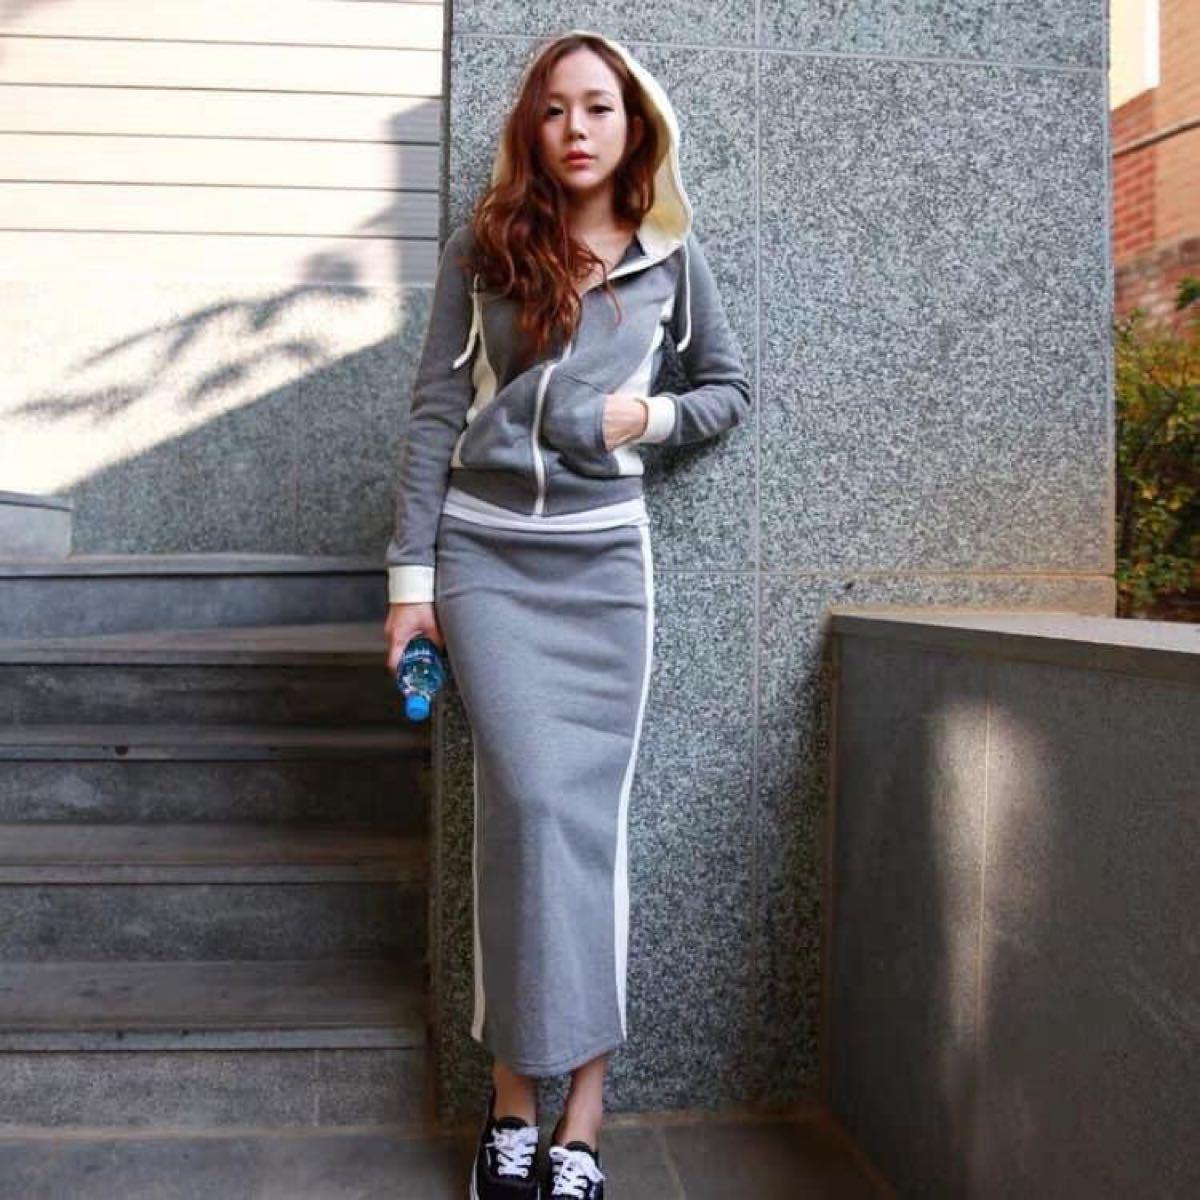 セットアップ パーカー トレーナー スウェット ロングスカート 韓国ファッション ルームウェア お散歩 ジム通い 運動会